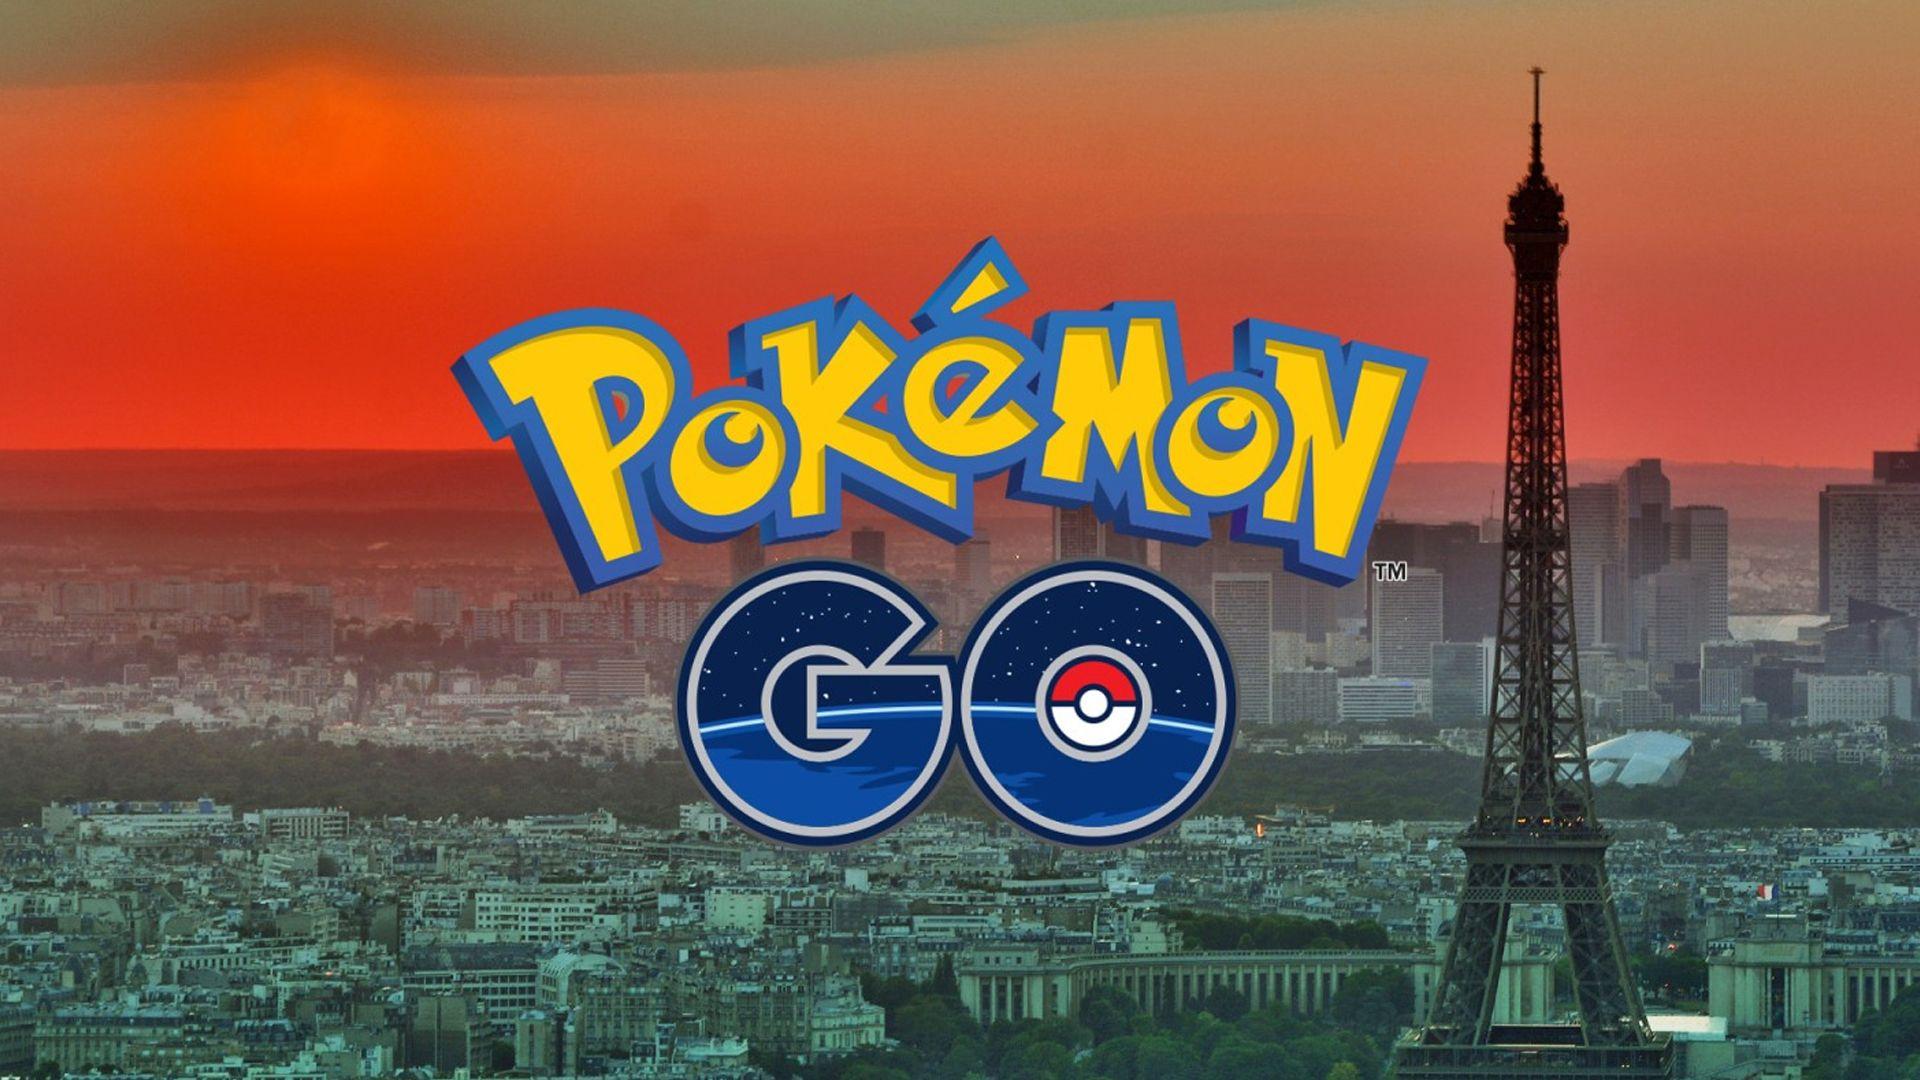 Étude de cas de Pokémon GO (ajustement du marché de produits) #GrowthHacking #WebMarketing #FormationGrowthHacking #CentreDeFormationFrance #TunnelAARRR #AARRR #SocialMedia #CommunityManagement #SEO #PokemonGO